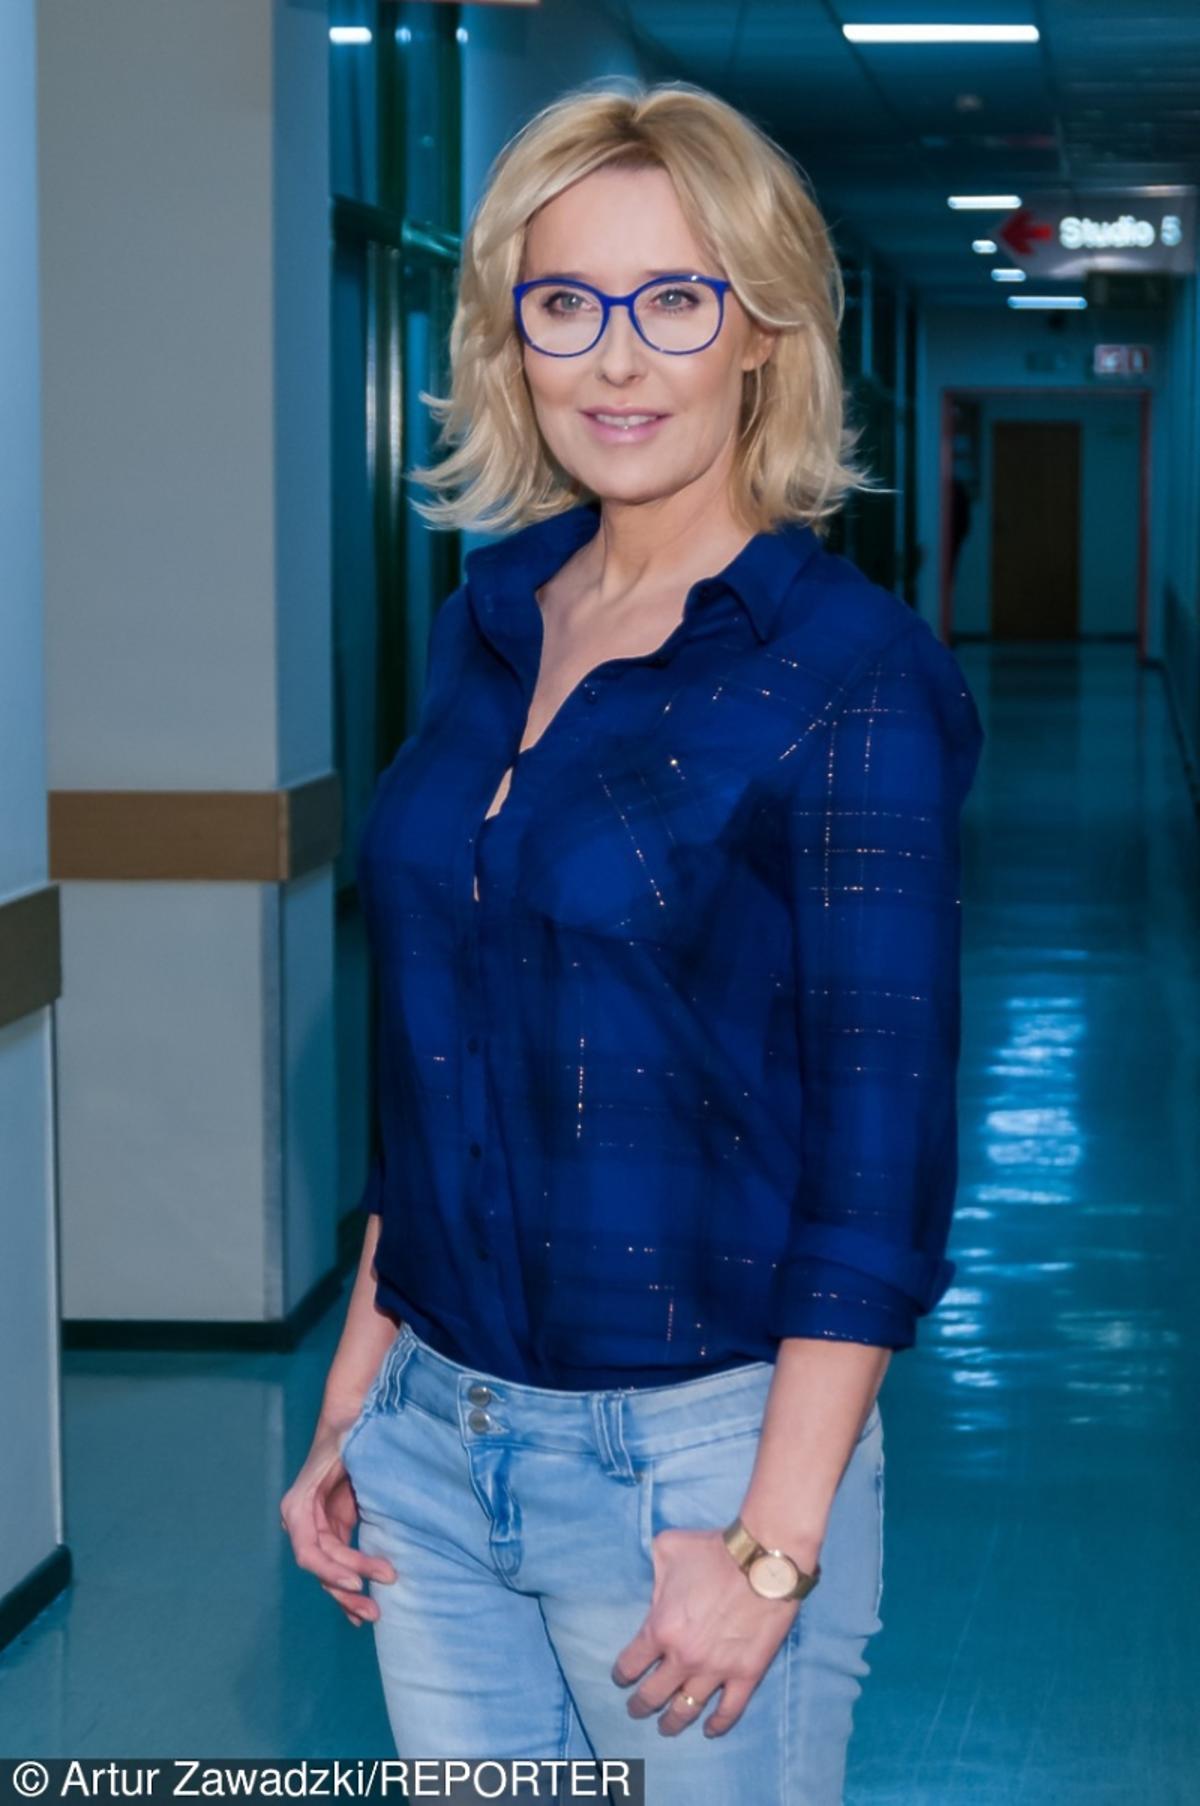 Agata Młynarska w niebieskiej koszuli